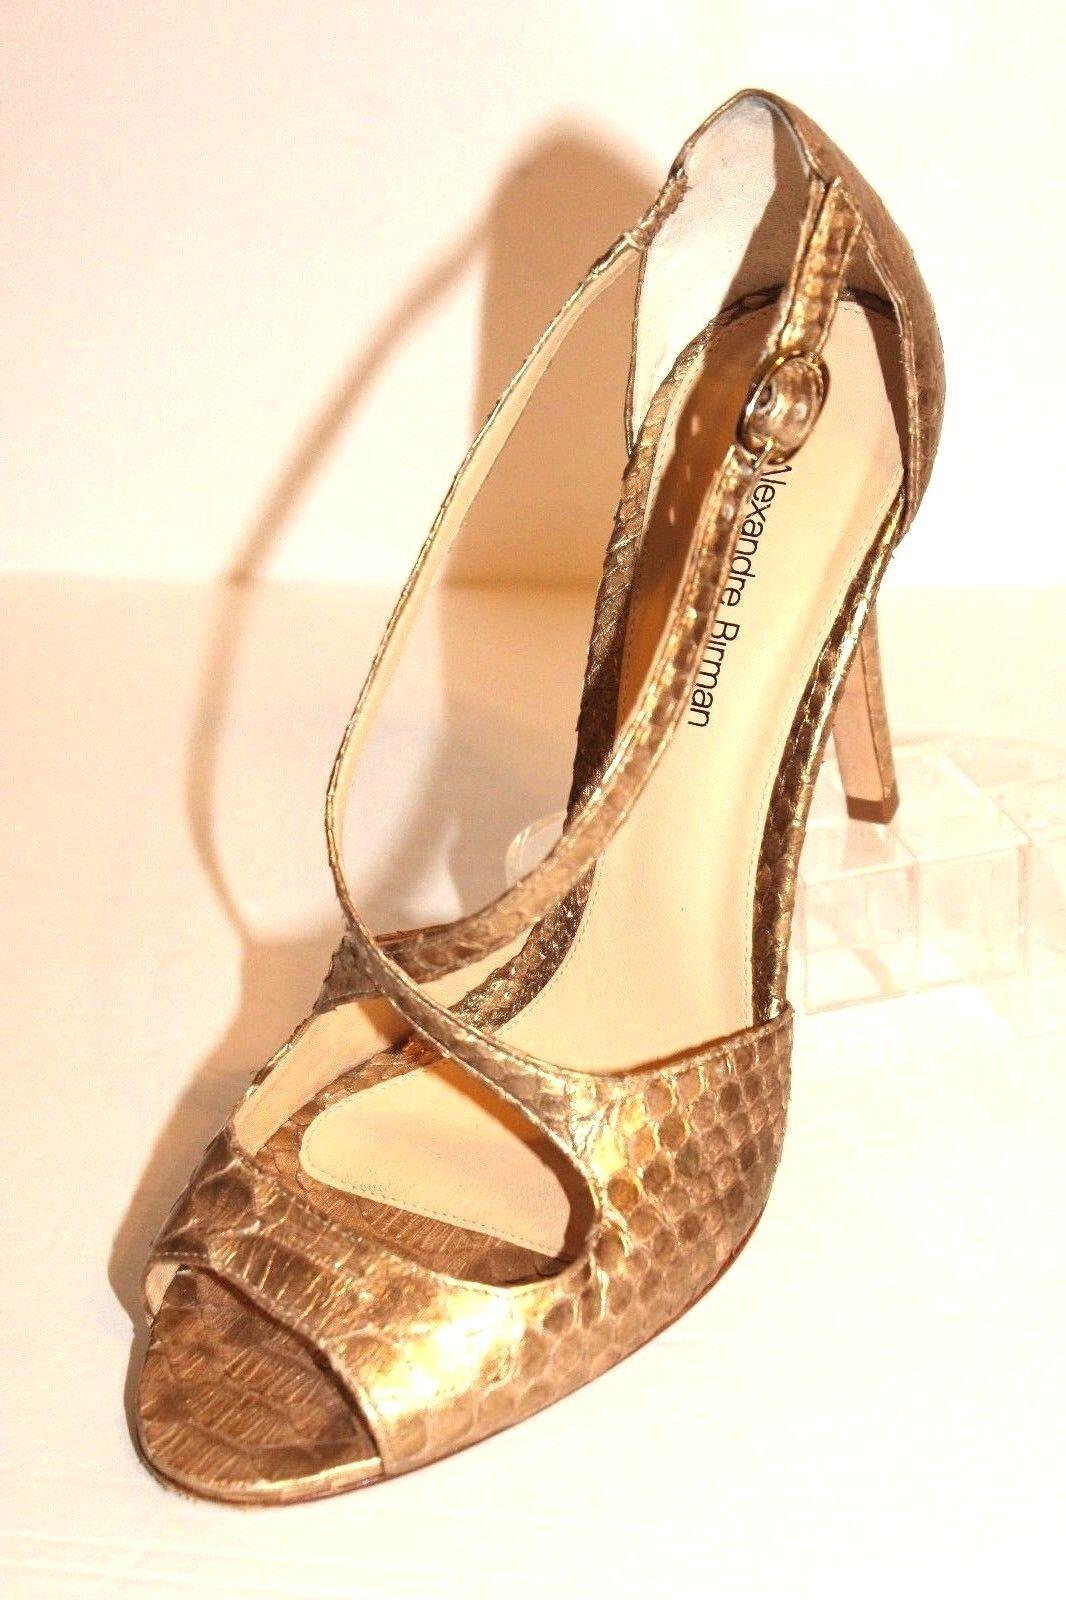 Alexandre Birman High Heels damen Sz 8.5 Gold Snakeskin Peep Toe Strappy Dressy